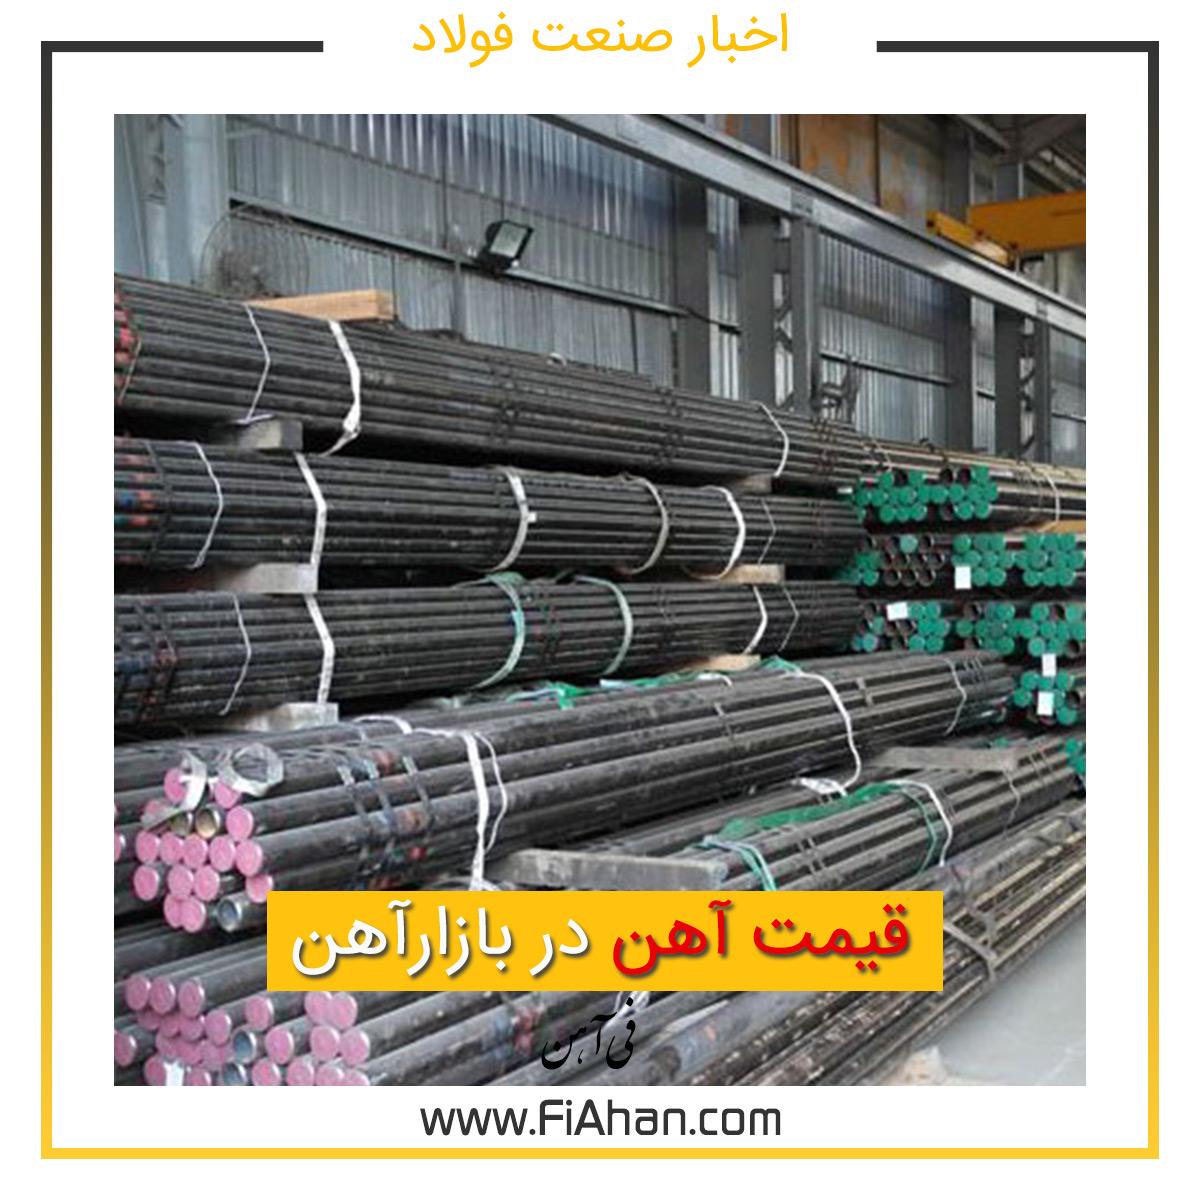 قیمت آهن در بازارآهن